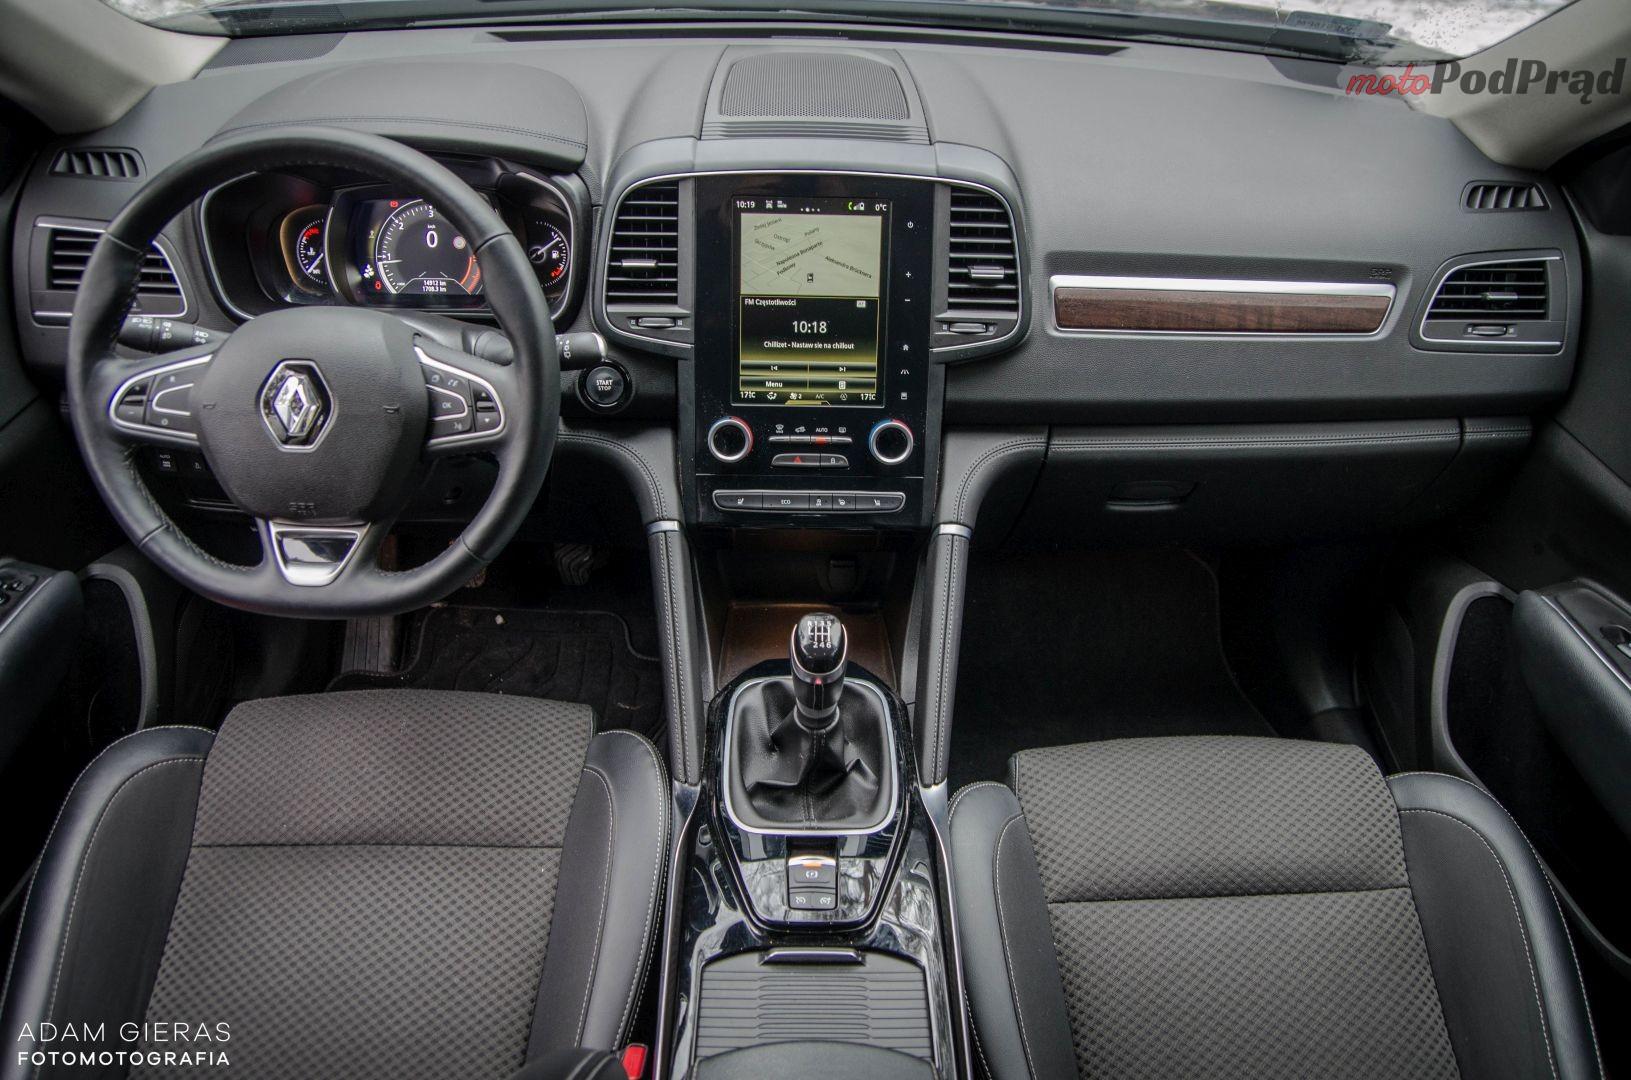 Renault Koleos 9 Test: Renault Koleos 2.0 dCi 4x4 Intens   przyjemny i stateczny